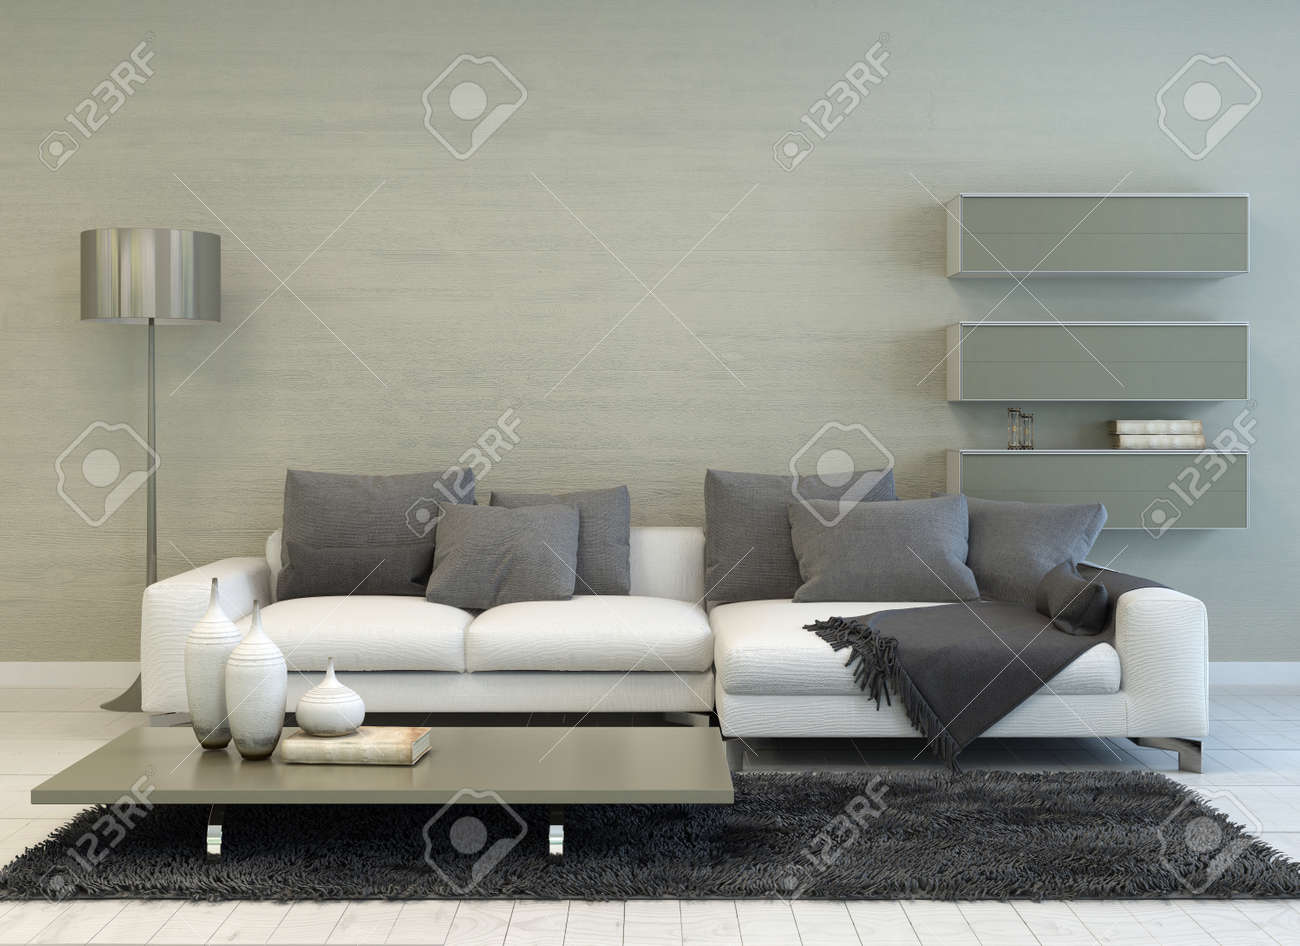 https://previews.123rf.com/images/skdesign/skdesign1501/skdesign150100145/36673029-moderne-graue-und-wei%C3%9Fe-wohnzimmer-mit-stehlampe-sofa-couchtisch-und-floating-regale.jpg